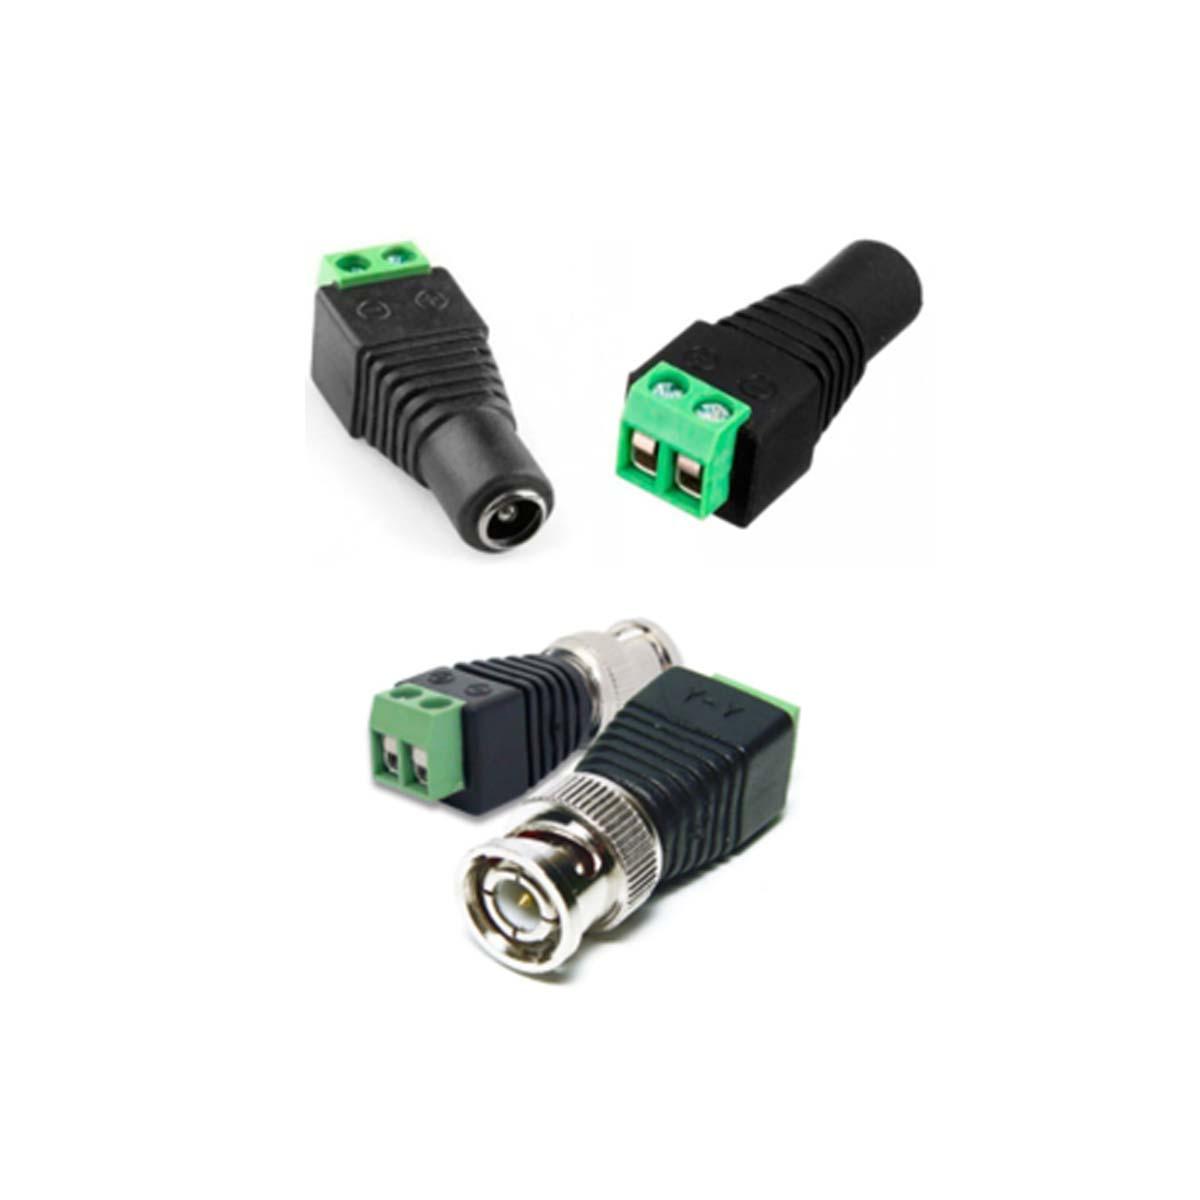 Kit CFTV 04 Câmeras VHD 1120 B G6 + MHDX 1104 C/ HD 2TB + Acessórios